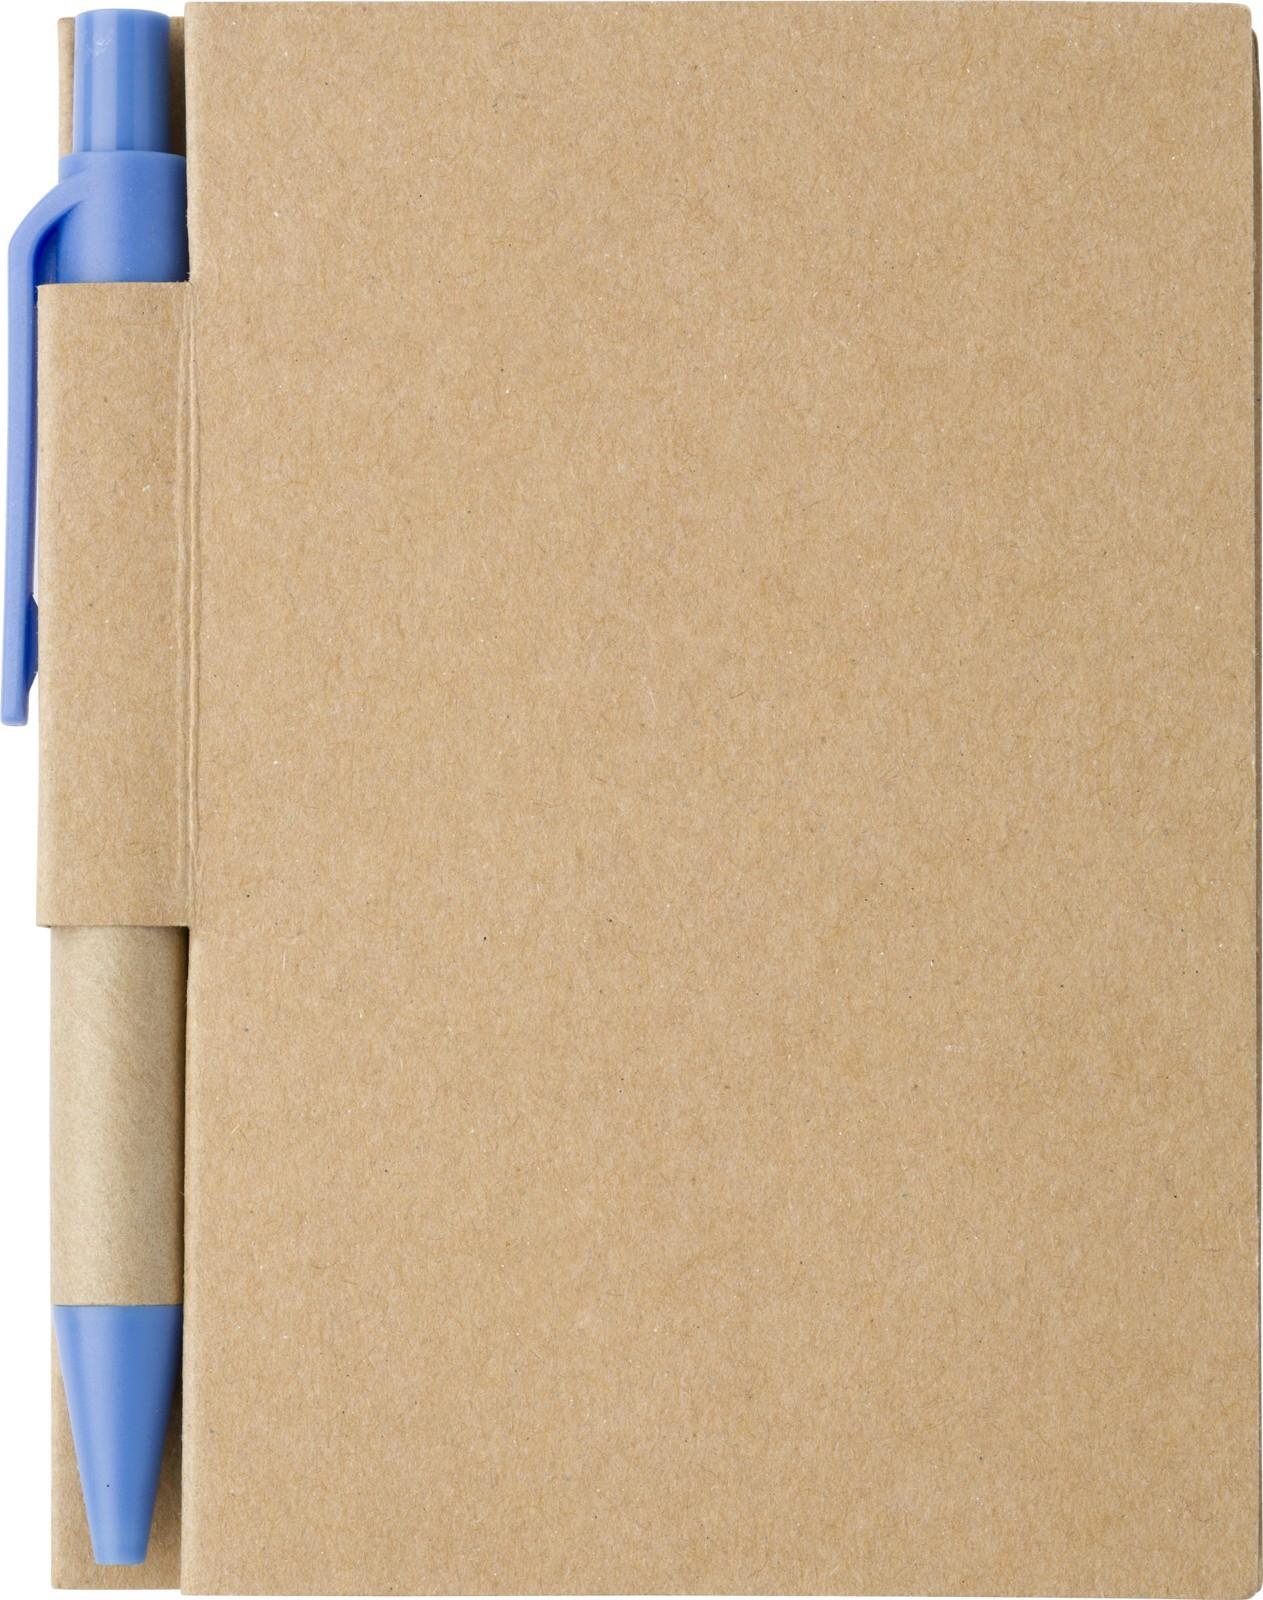 Paper notebook - Light Blue